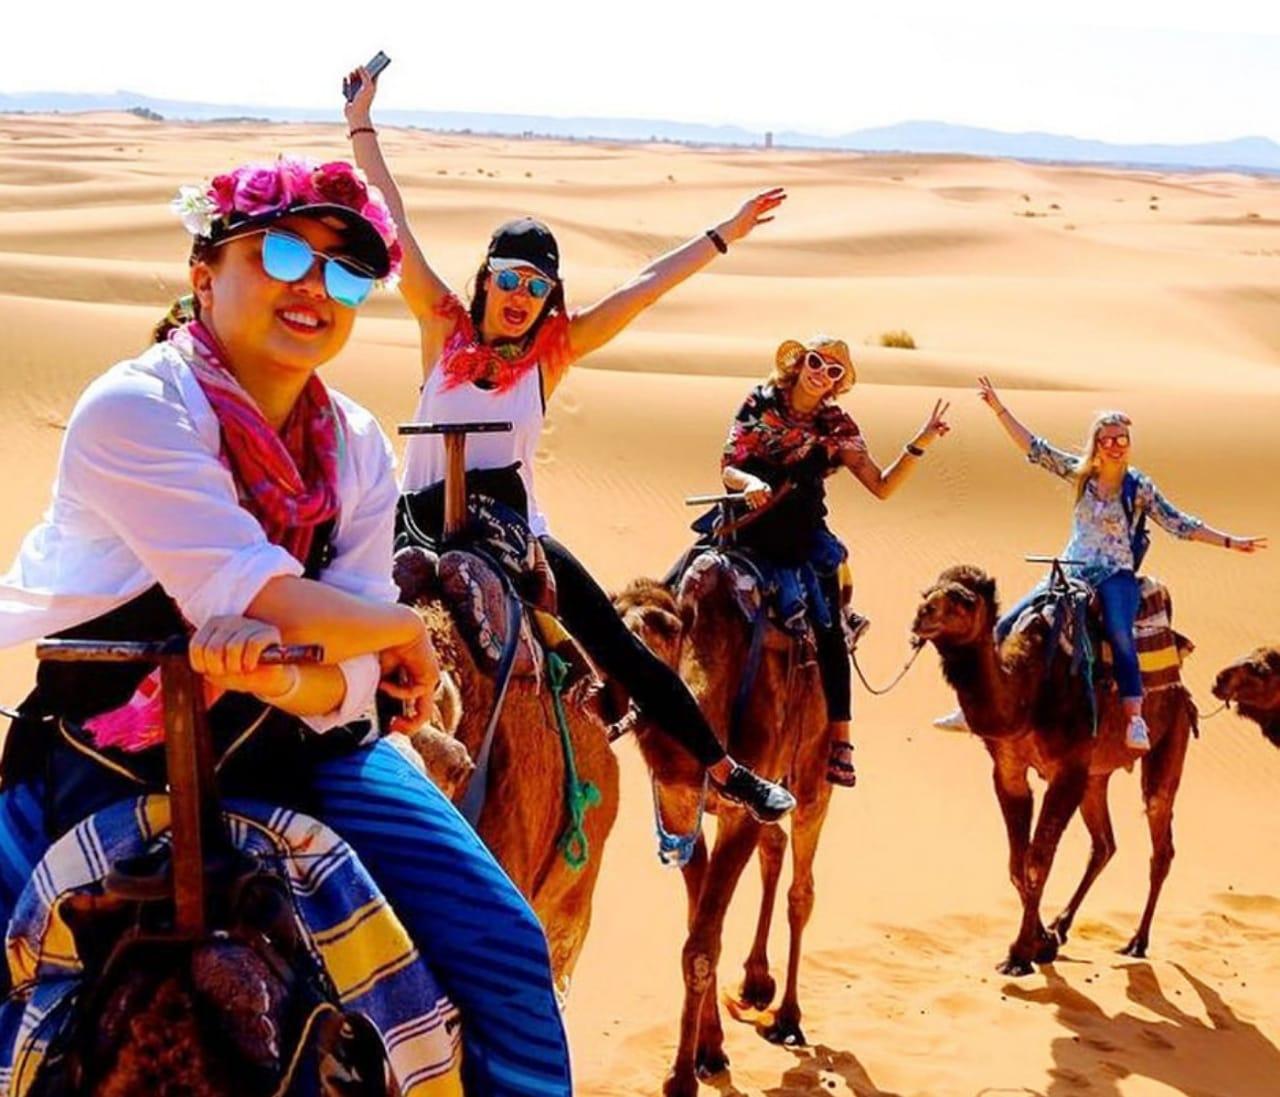 overnight camel trekking in sahara desert